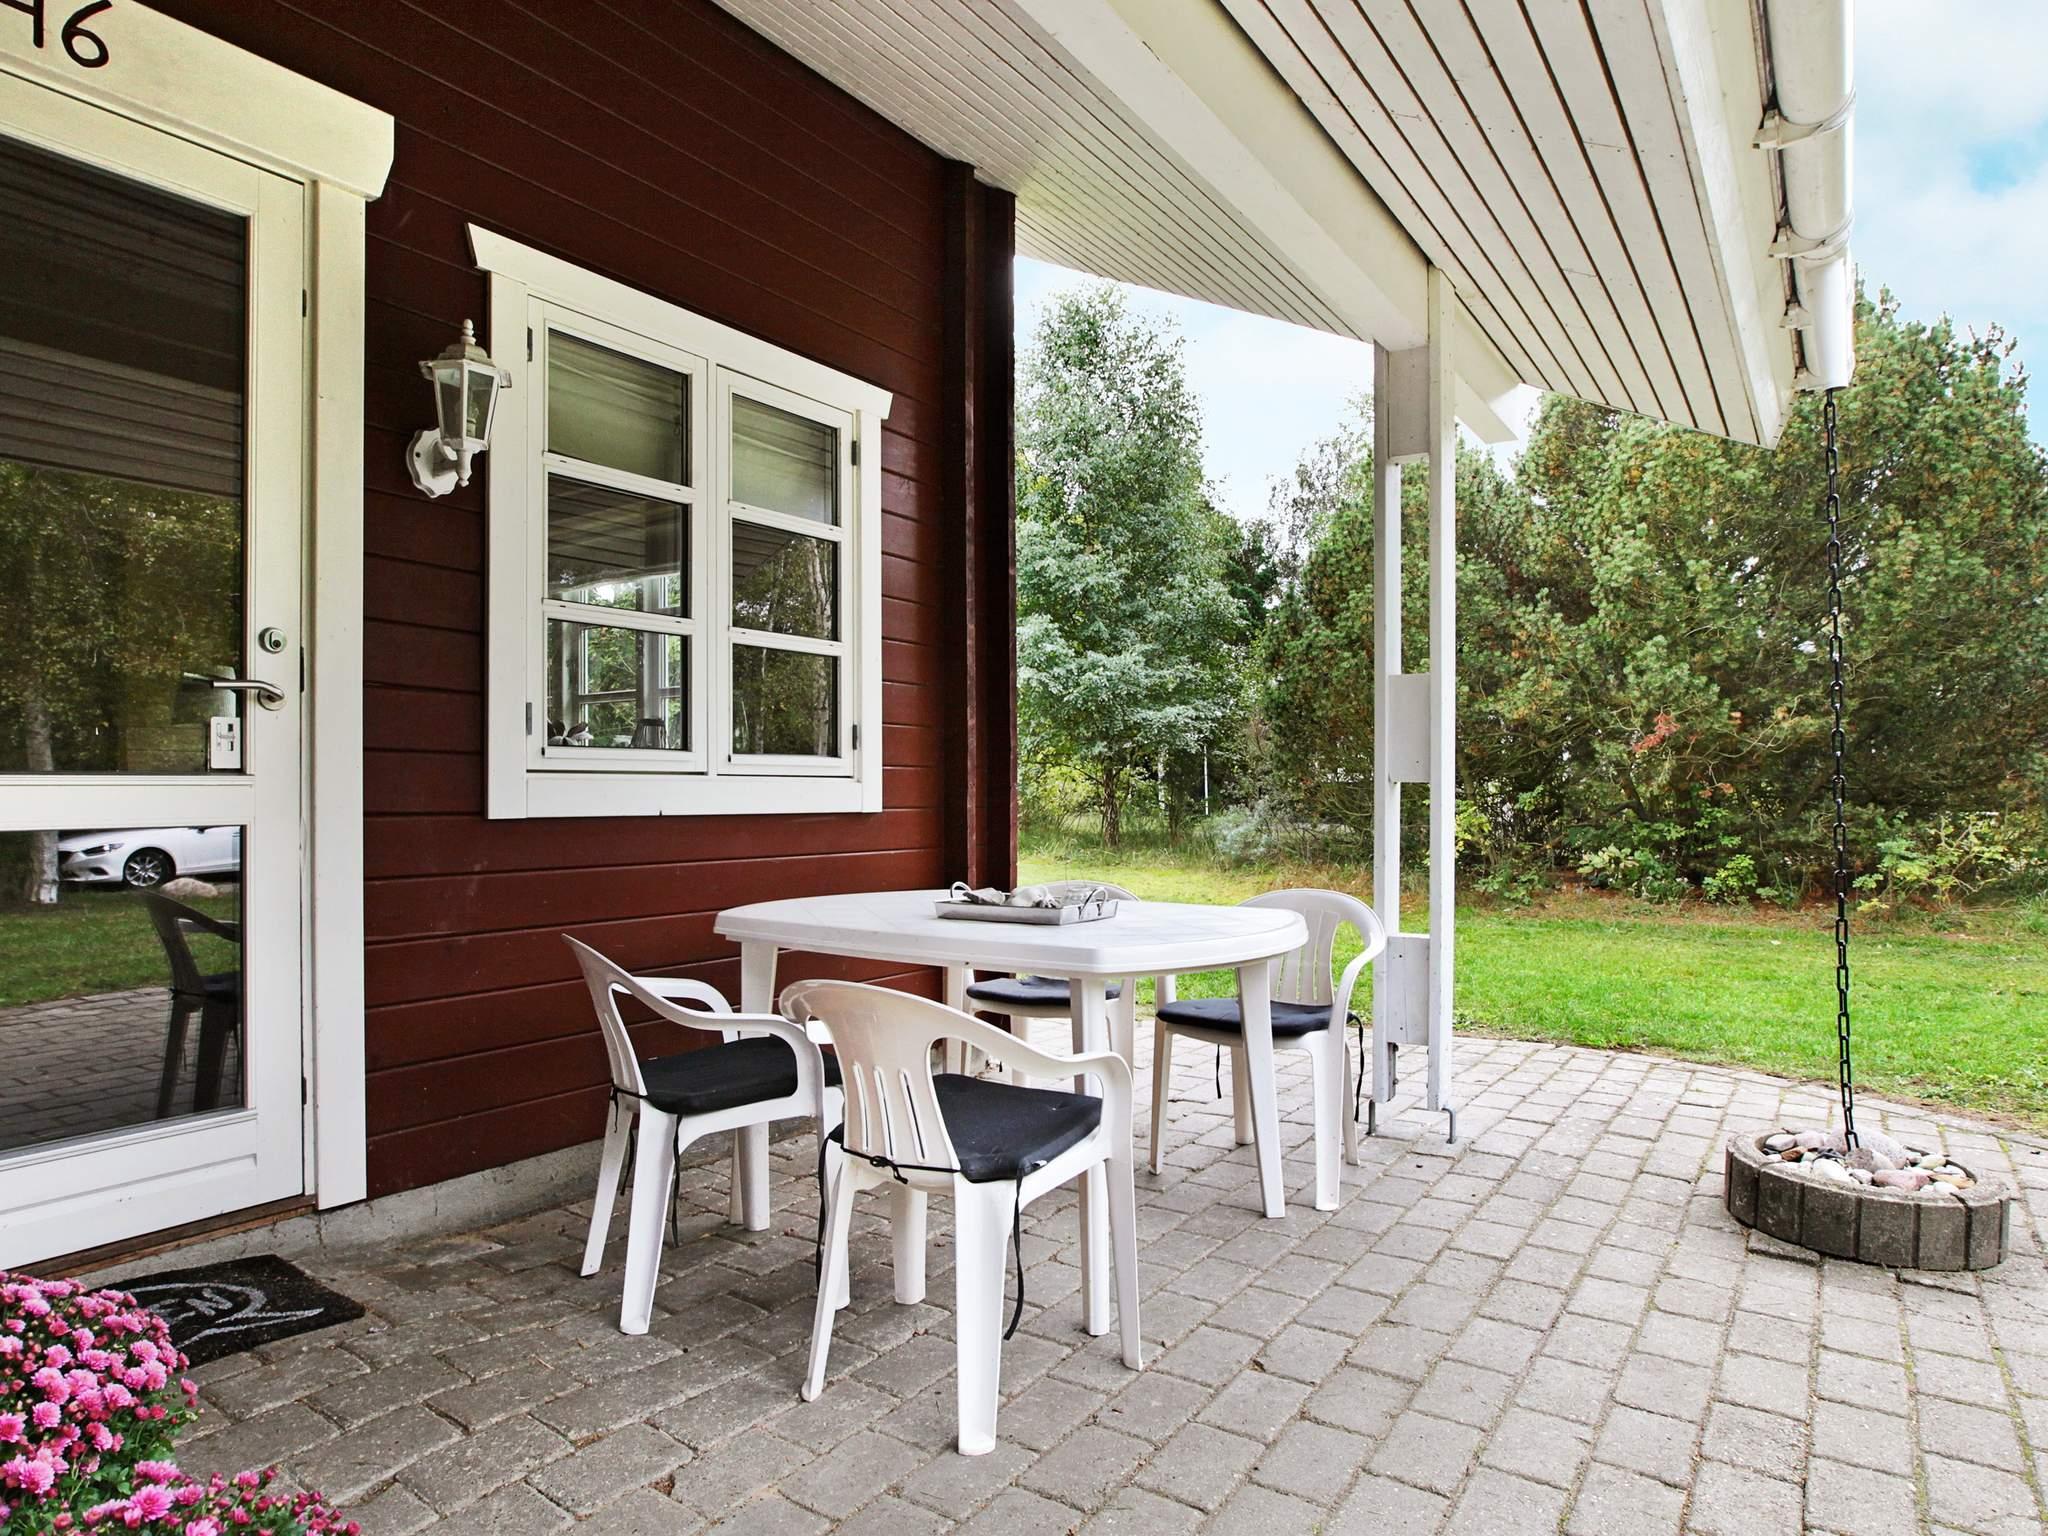 Ferienhaus Røsnæs/Vollerup (125115), Kalundborg, , Westseeland, Dänemark, Bild 19